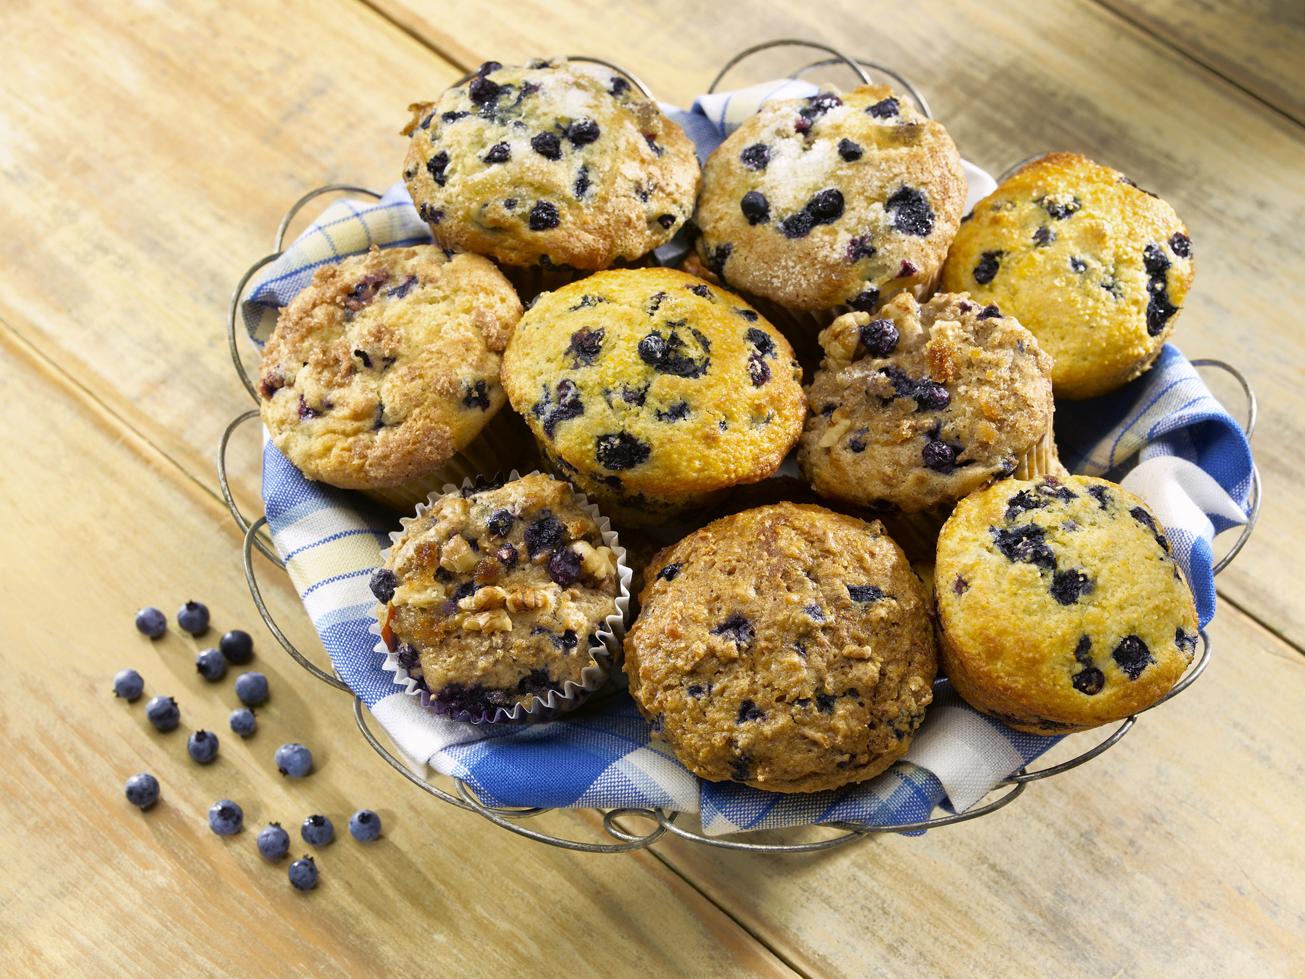 Miss Pamela's Wild Blueberry Muffins